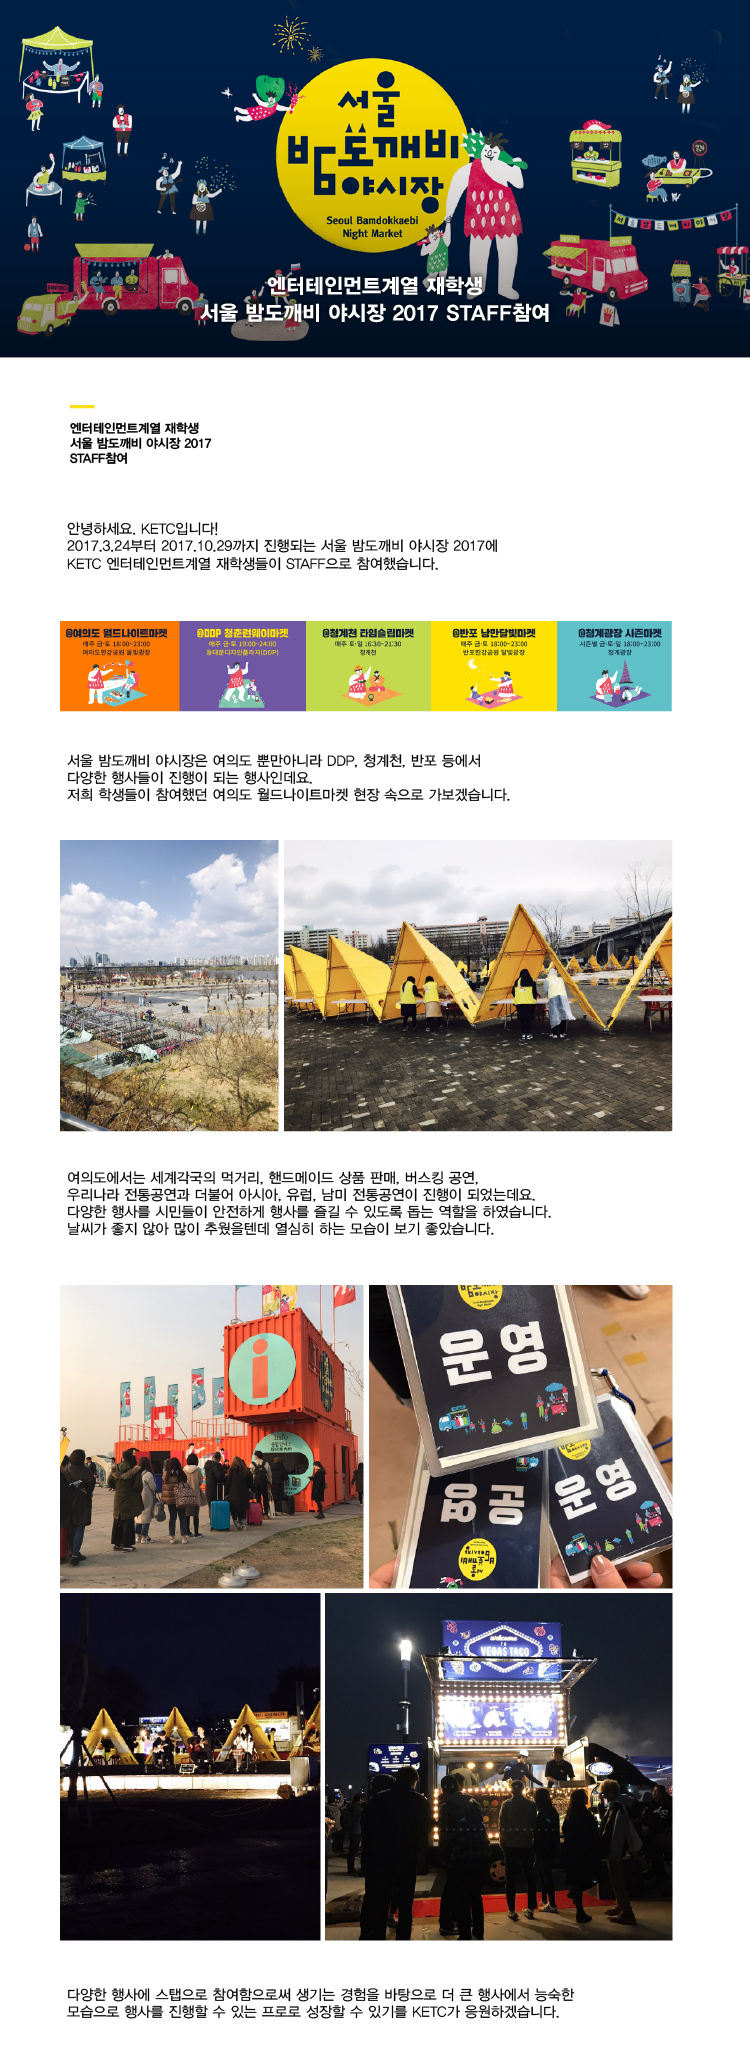 엔터테인먼트계열 재학생 서울밤도깨비야시장2017 스탭참여